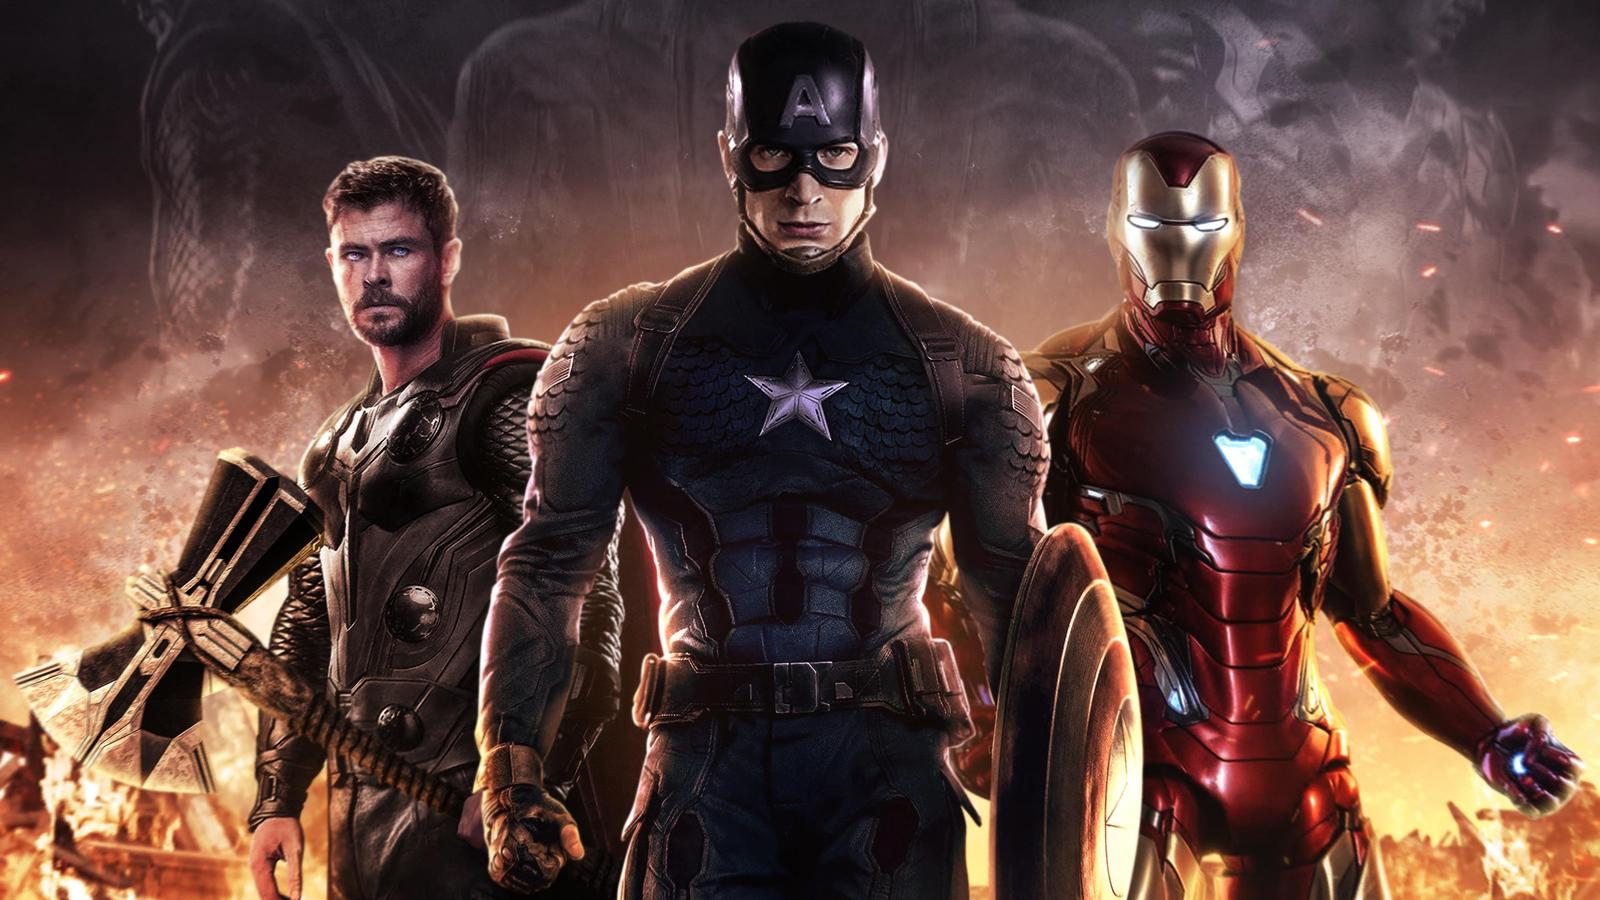 1600x900 Avengers Endgame 4k 2019 1600x900 Resolution HD ...